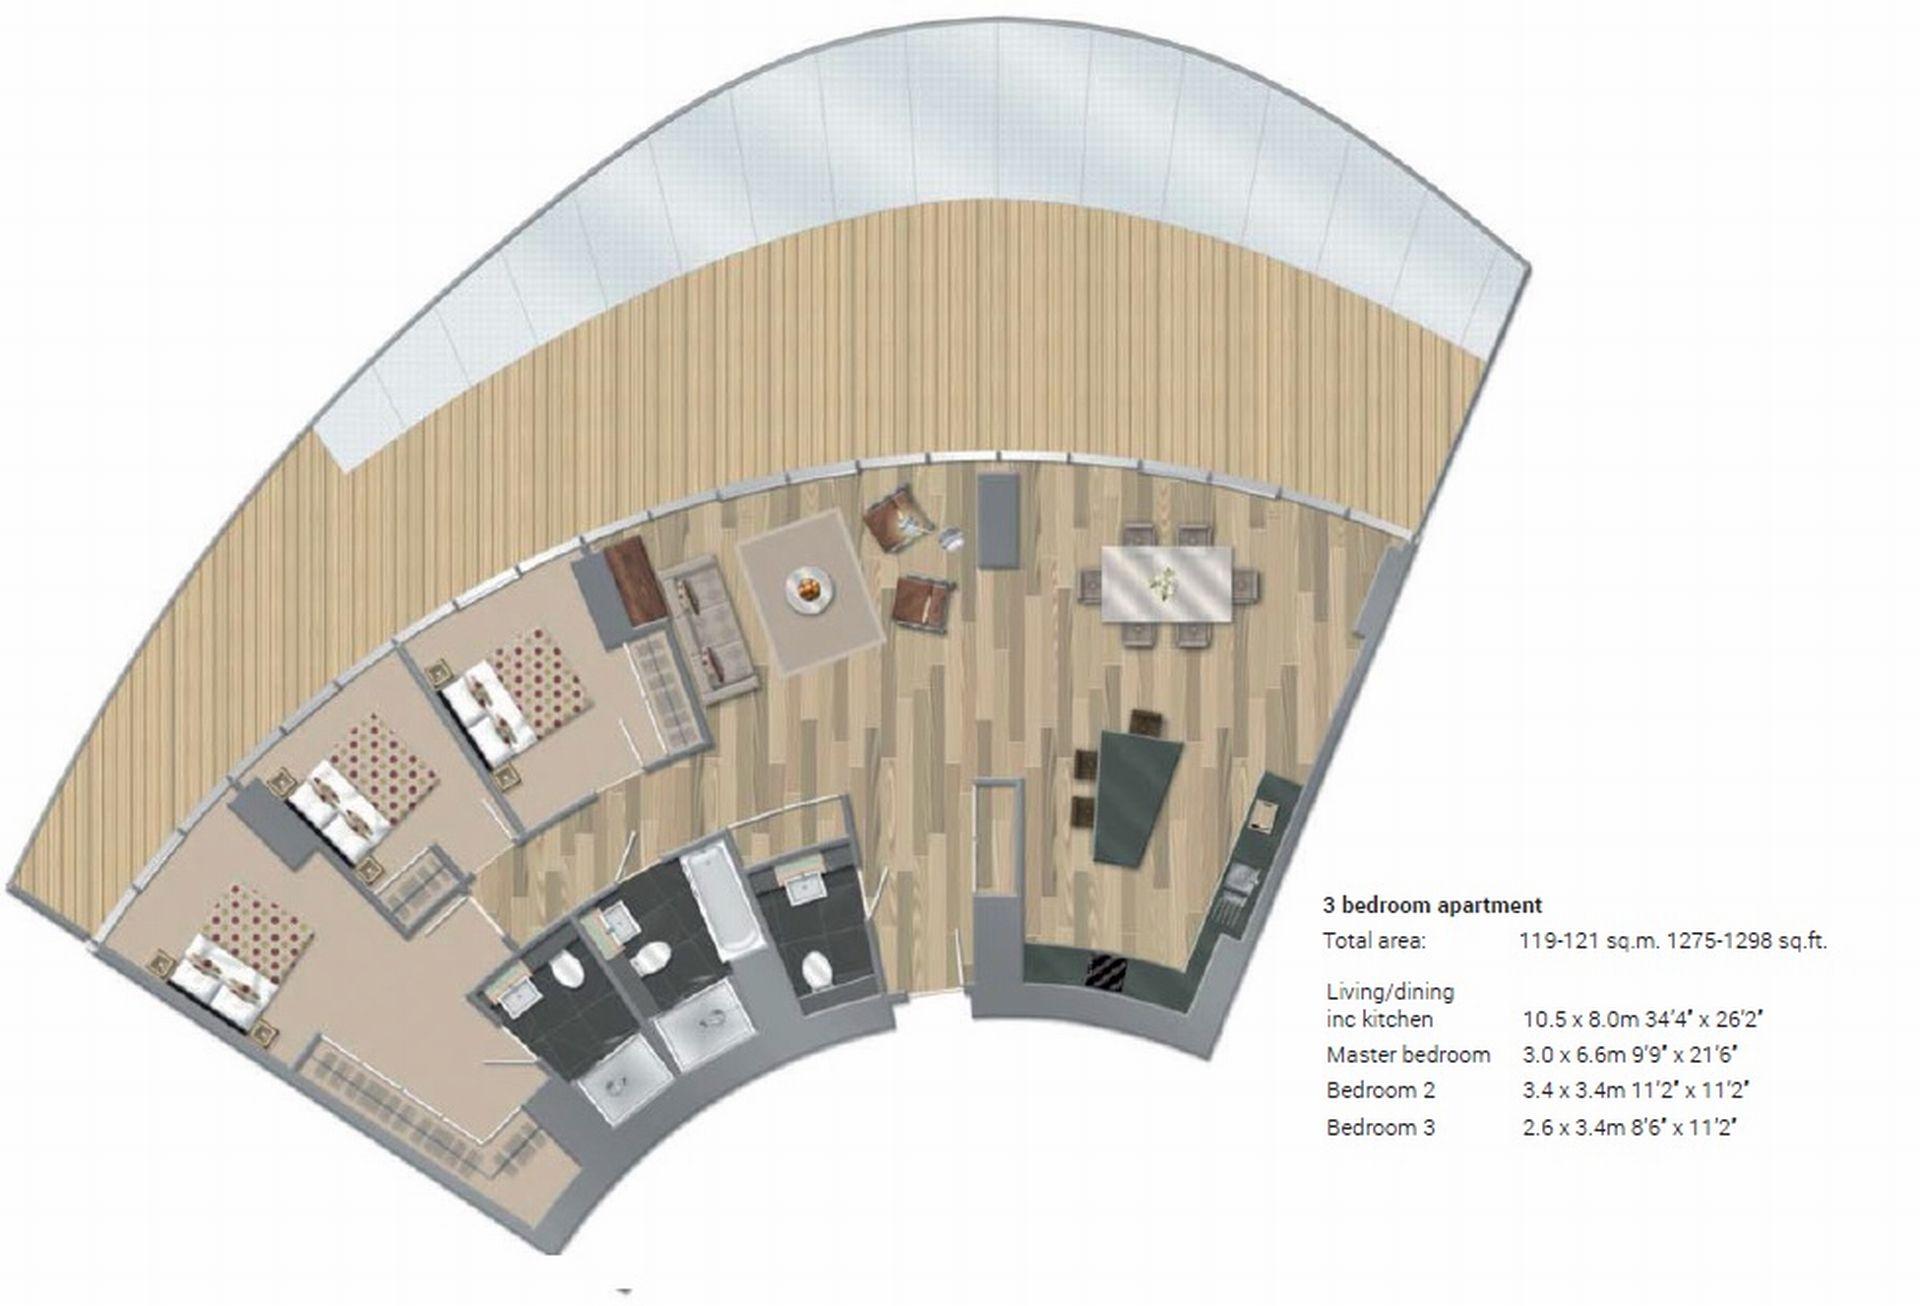 Arena Tower 25 Crossharbour Plaza Canary Wharf E14 3